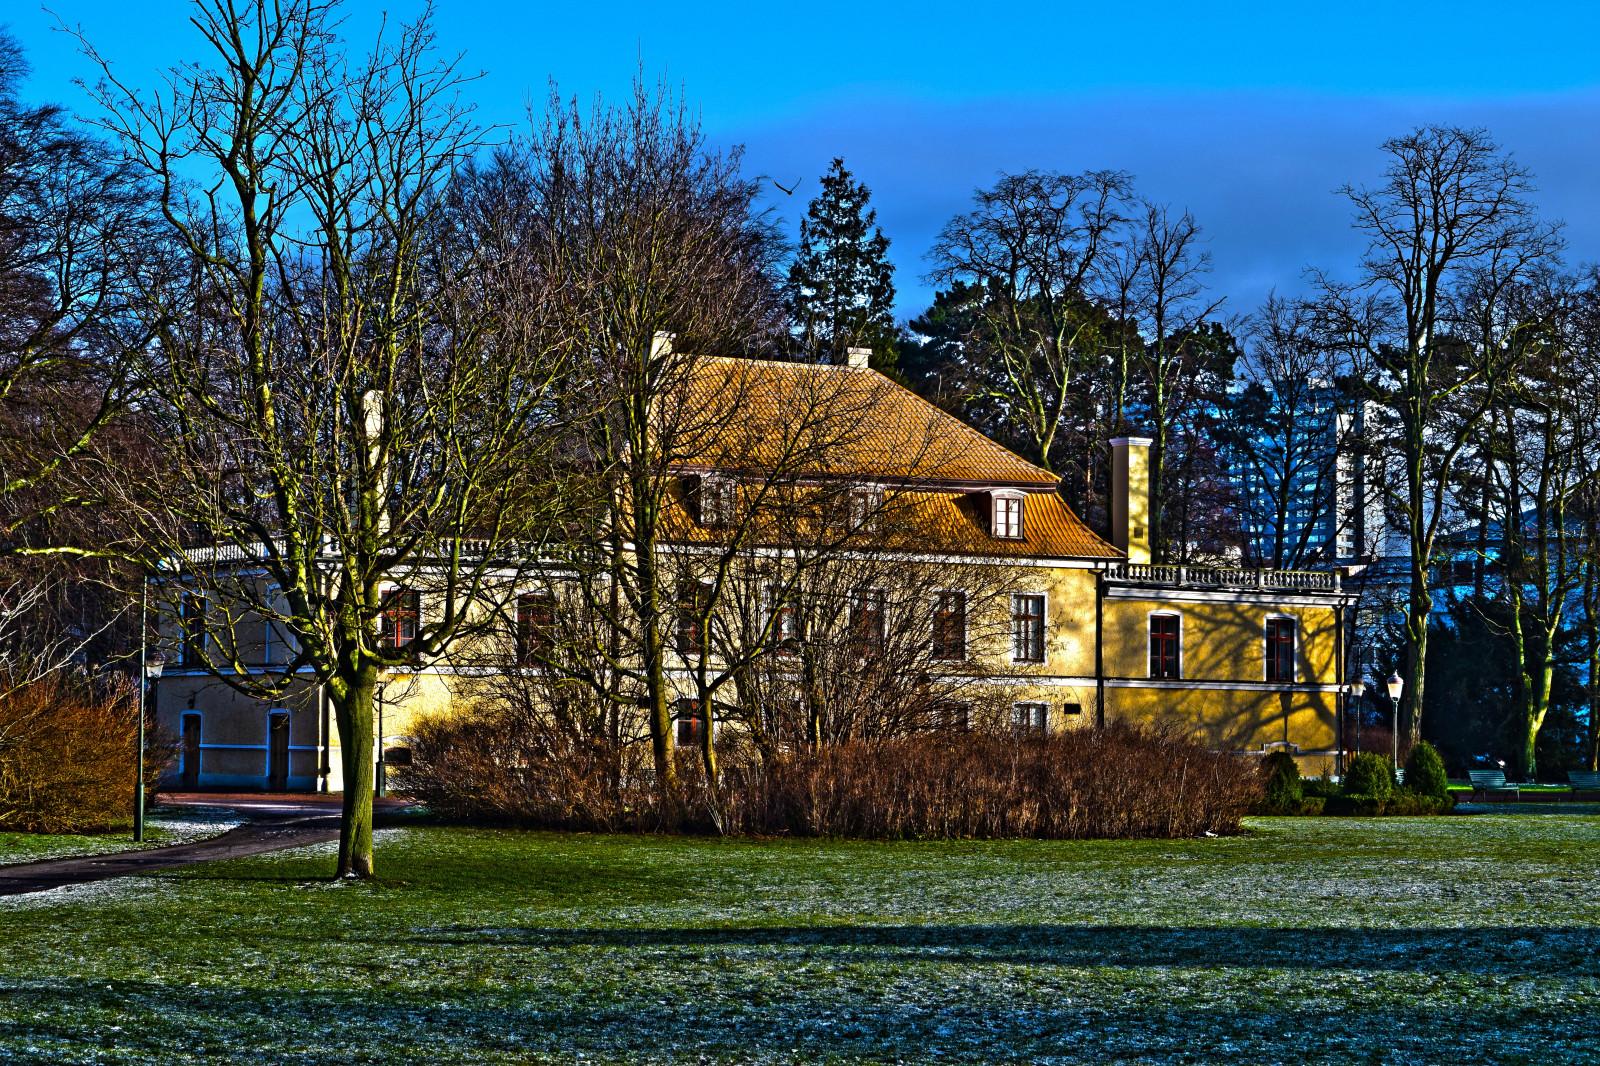 Fond d 39 cran des arbres jardin b timent herbe ciel for Extension maison zone rurale